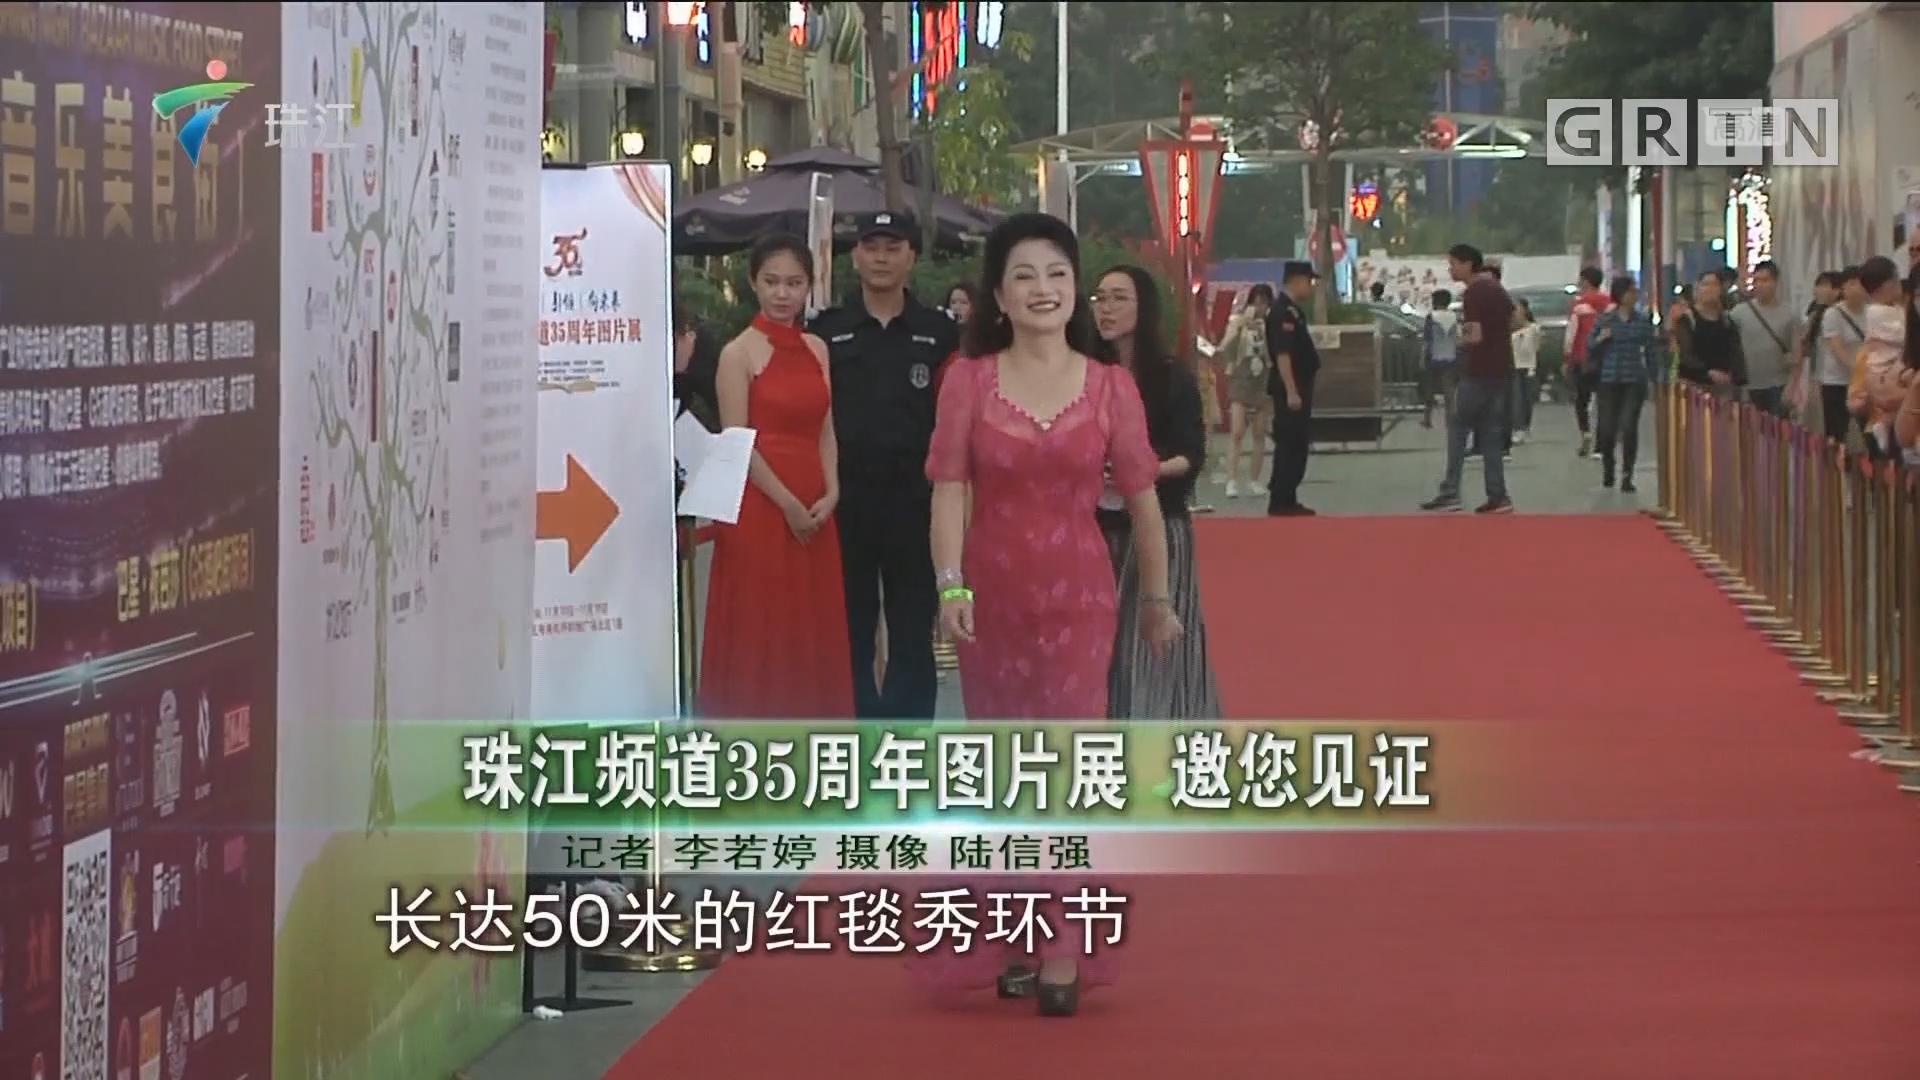 珠江频道35周年图片展 邀您见证